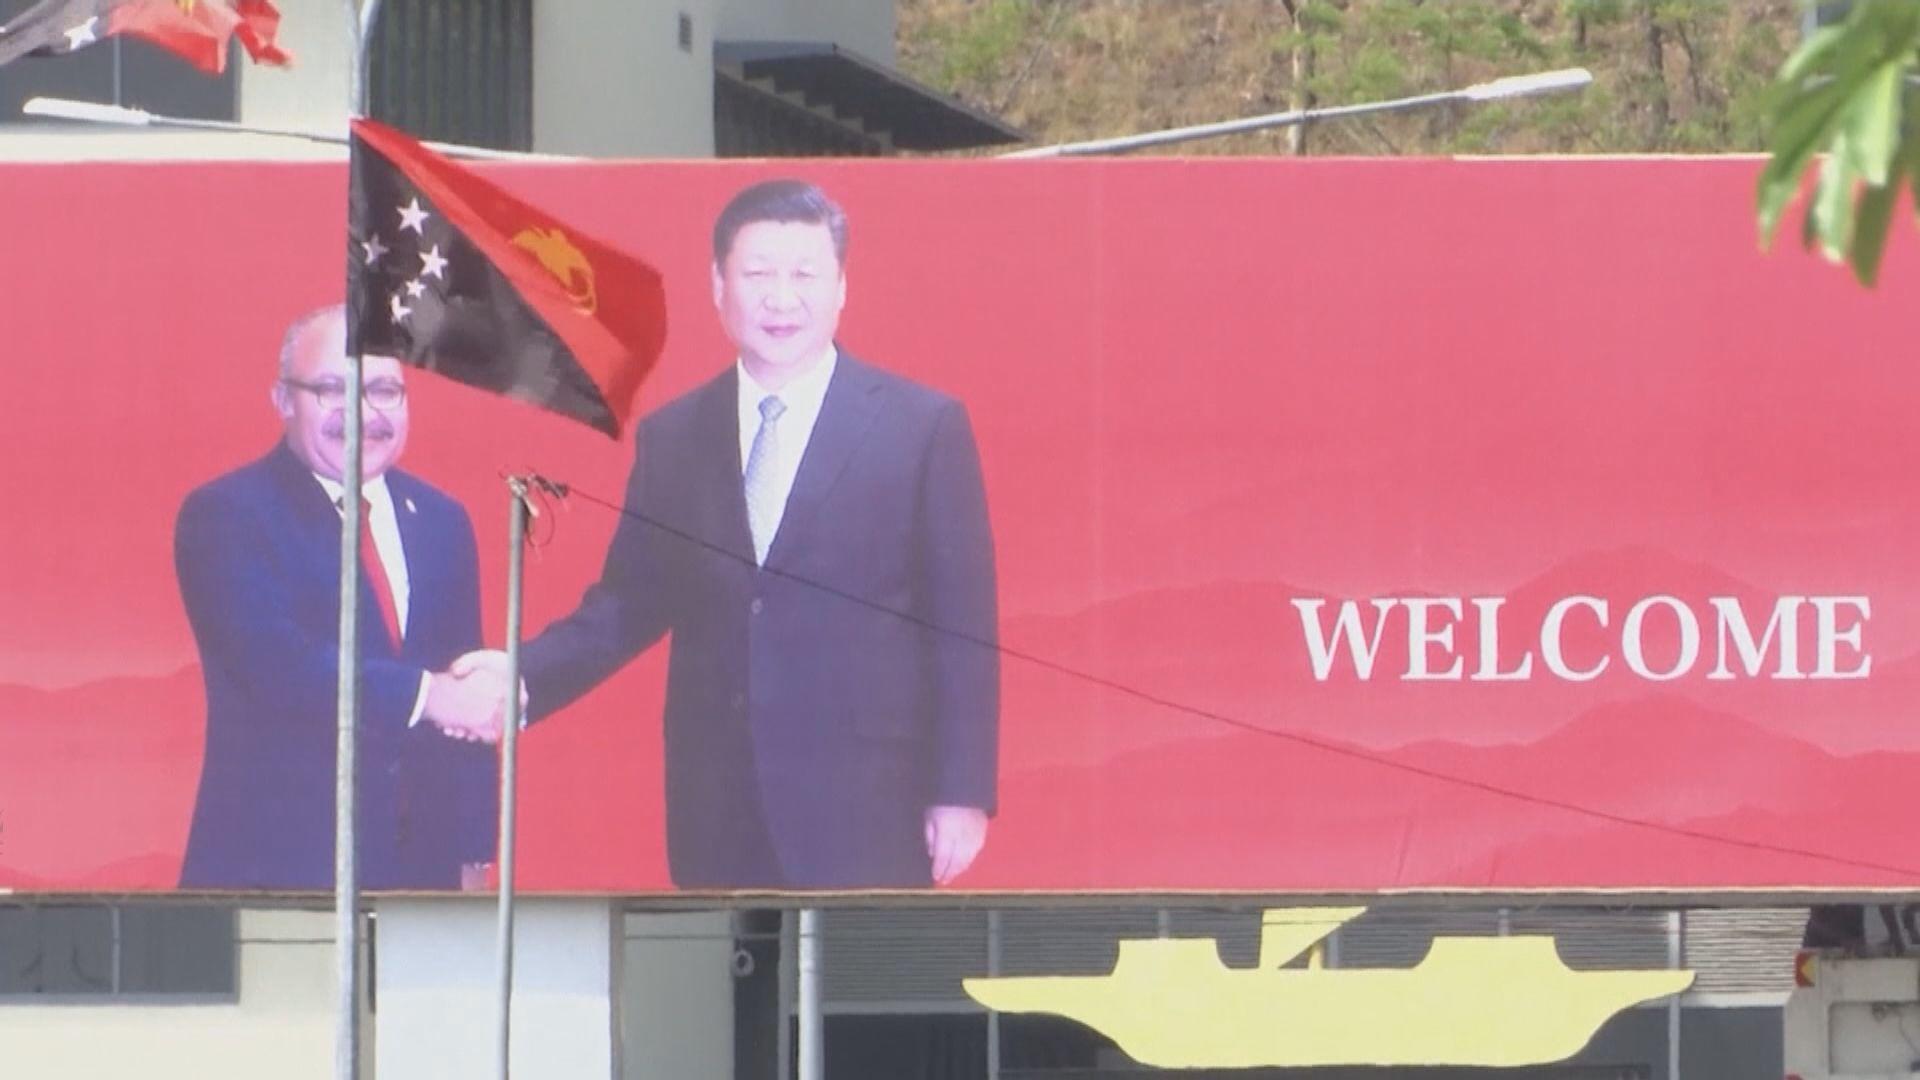 澳洲中國爭相拉攏巴布亞新畿內亞